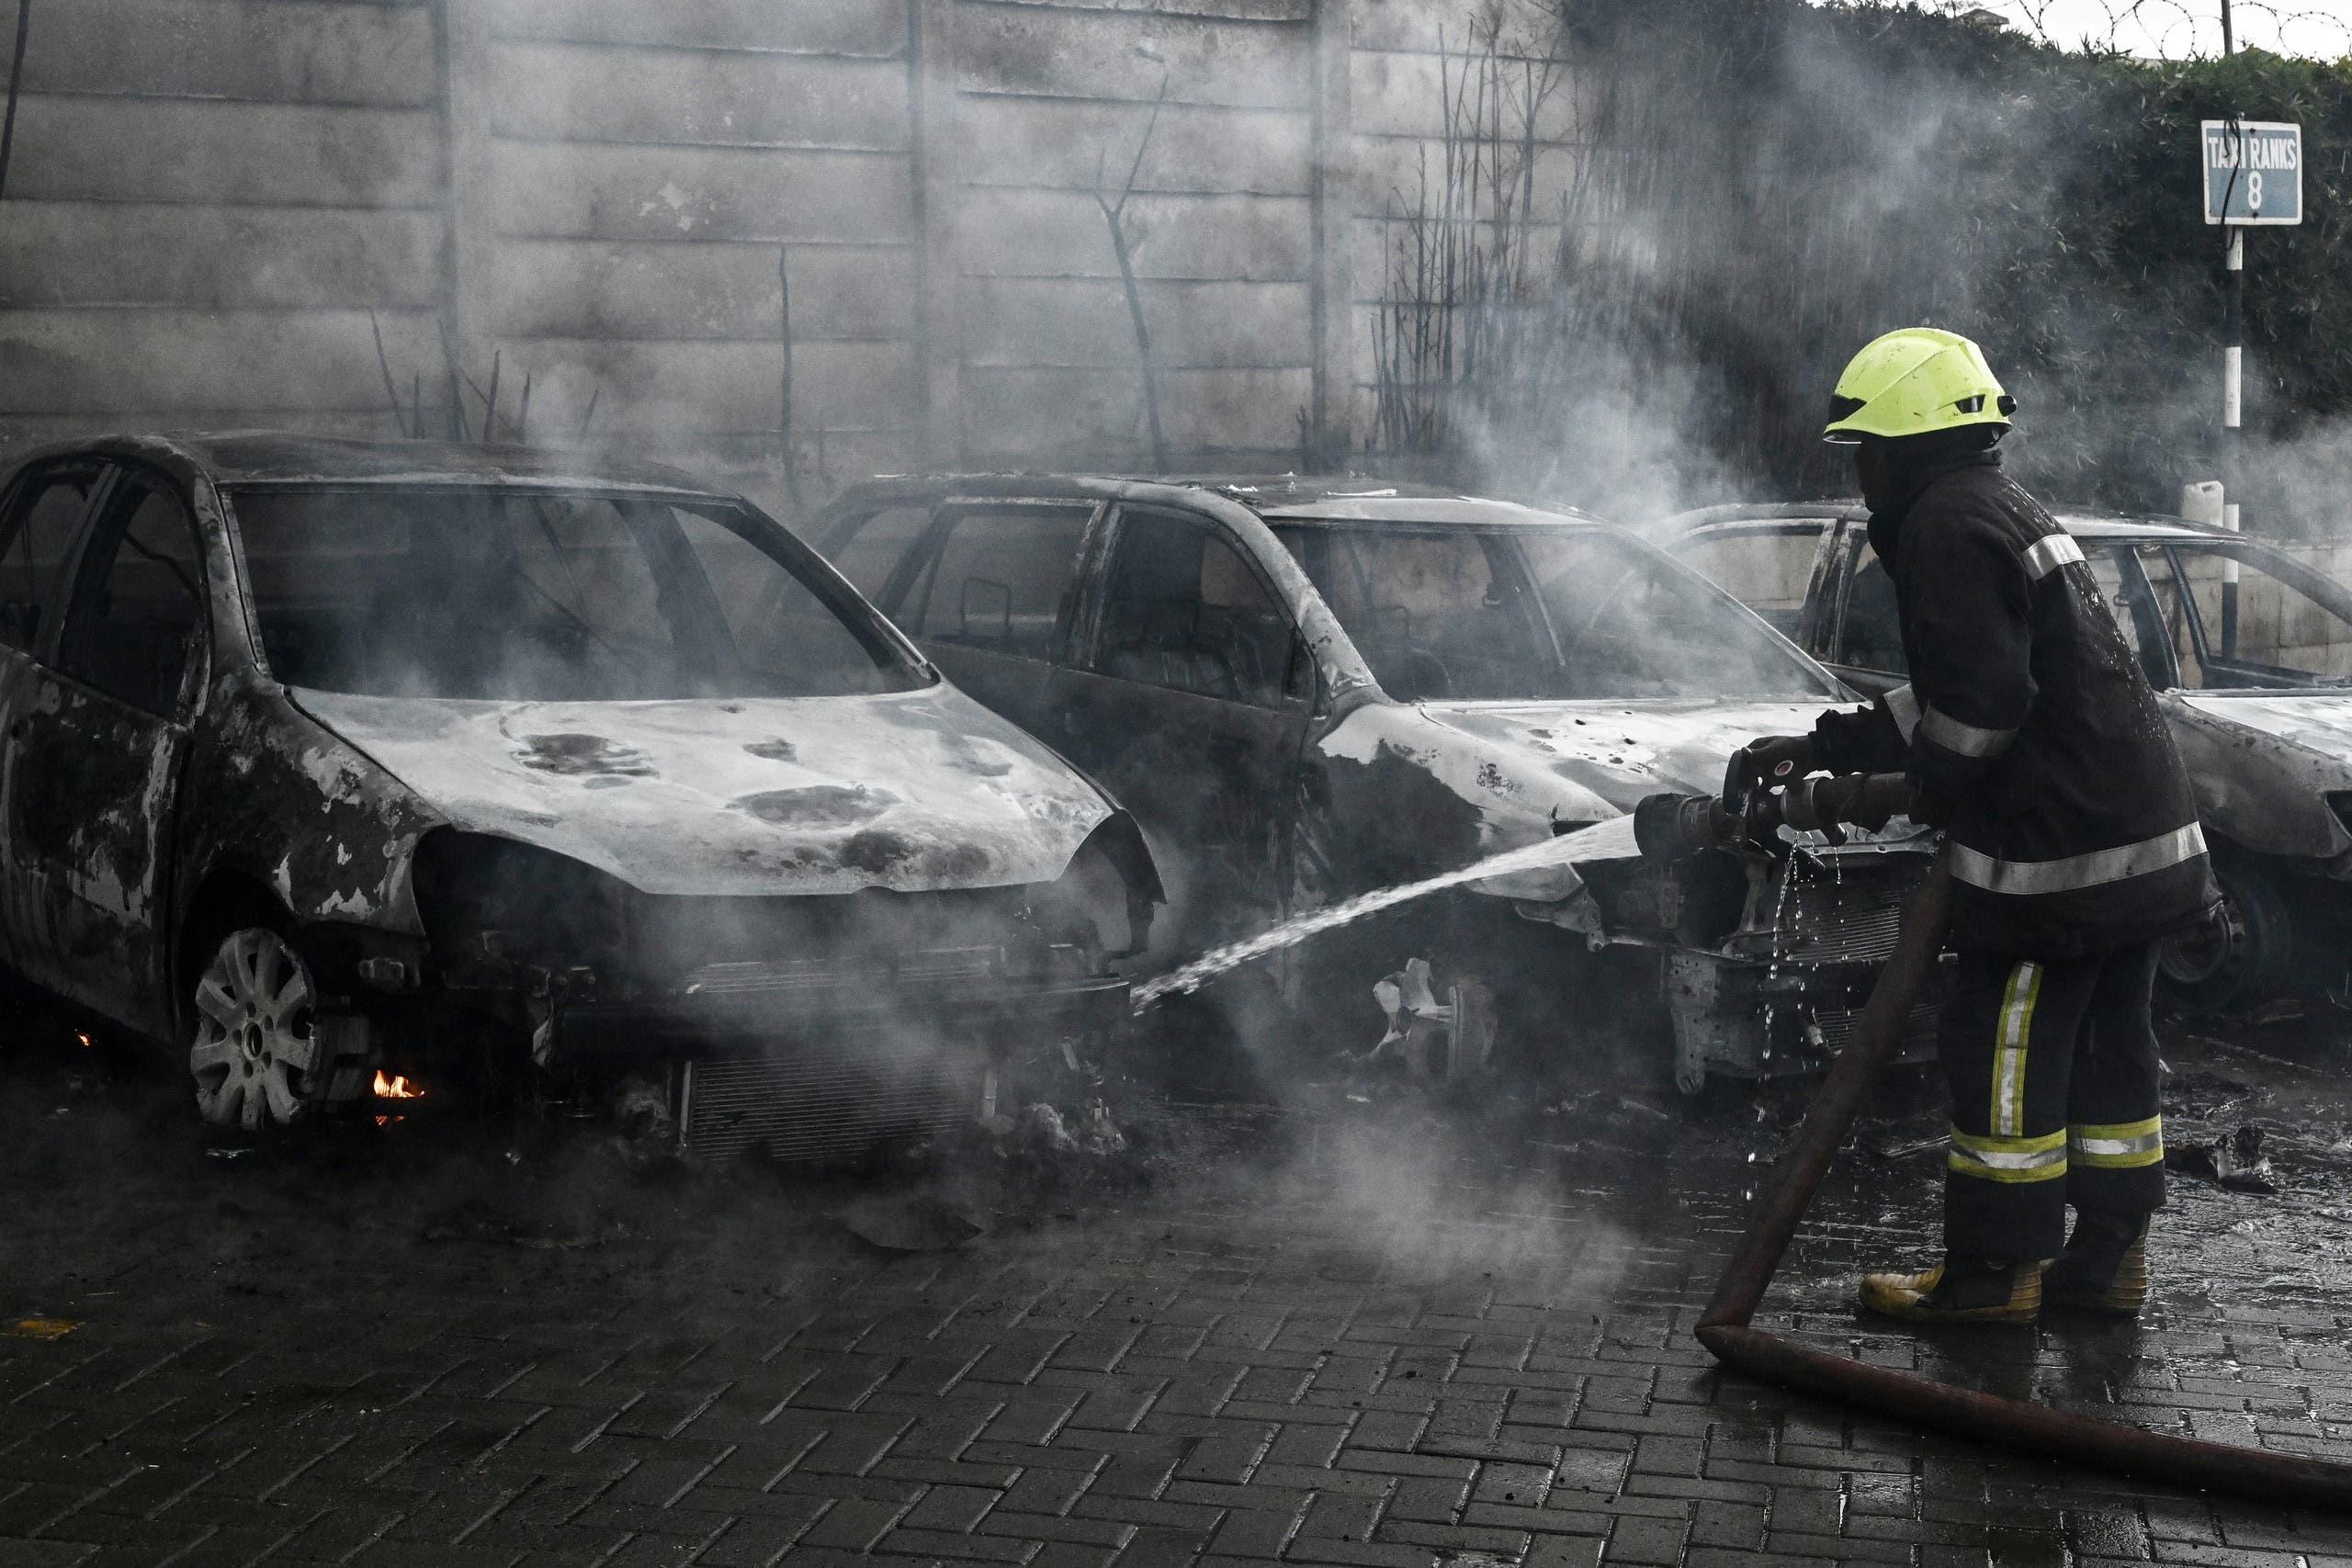 هجوم في كينيا شنه فصيل موالٍ للقاعدة في يناير 2019